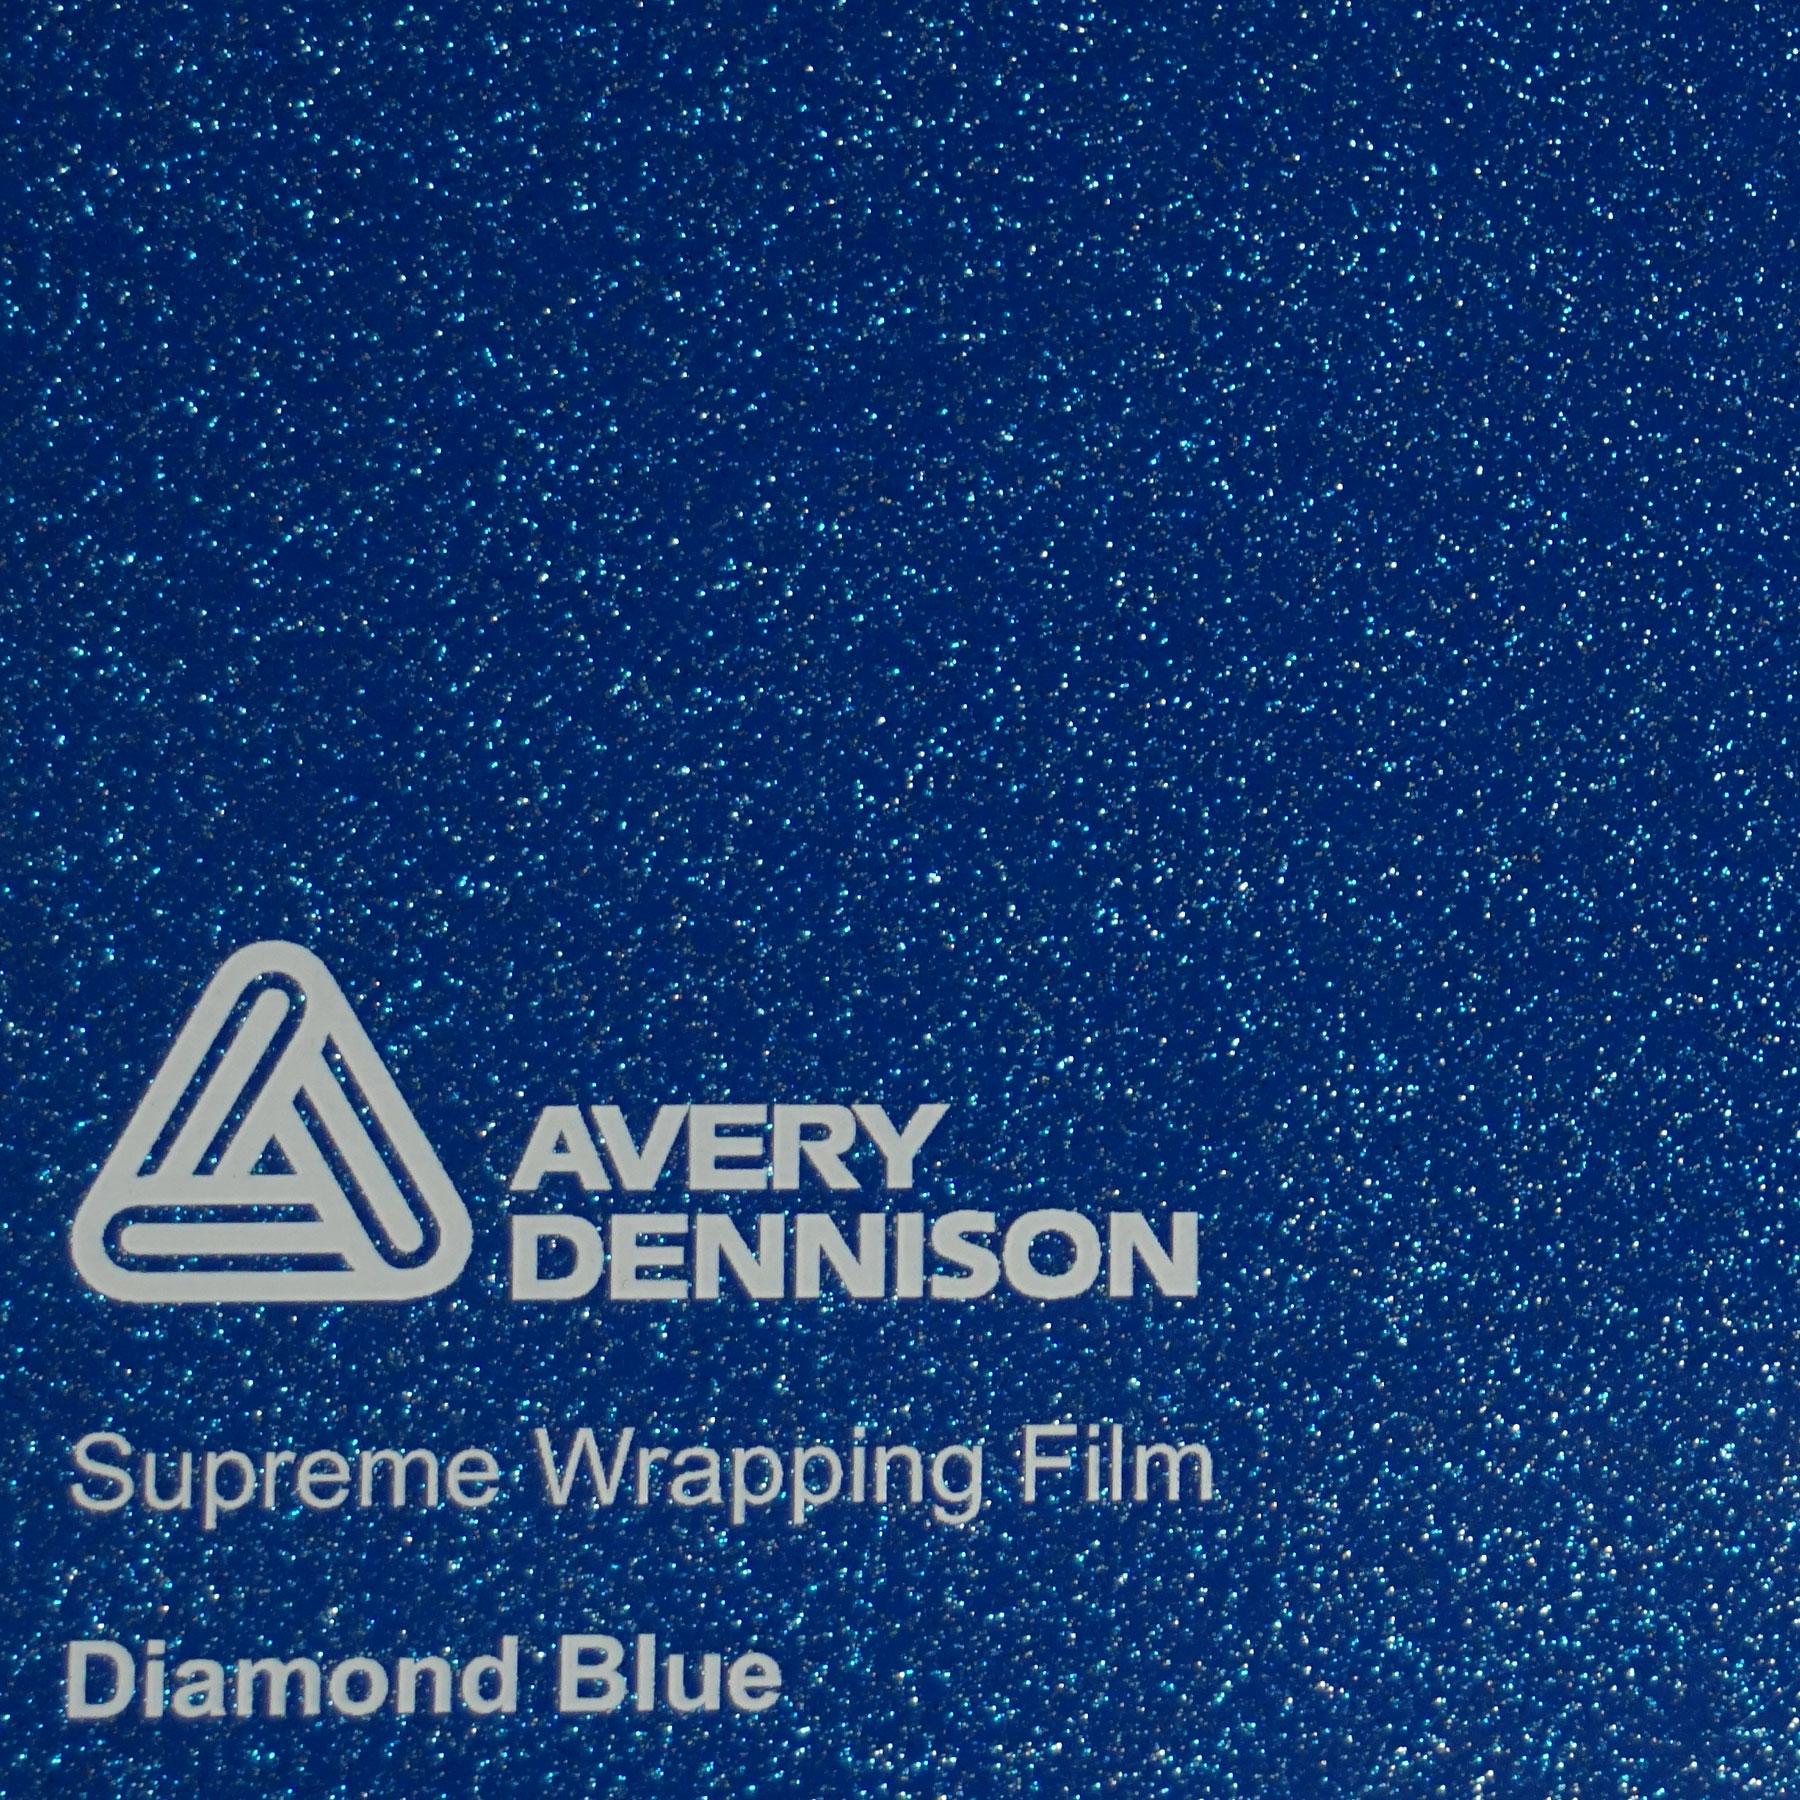 5,99 € //m 5 m Plotterfolie skandinavienblau glänzend Selbstklebefolie 61,5 cm